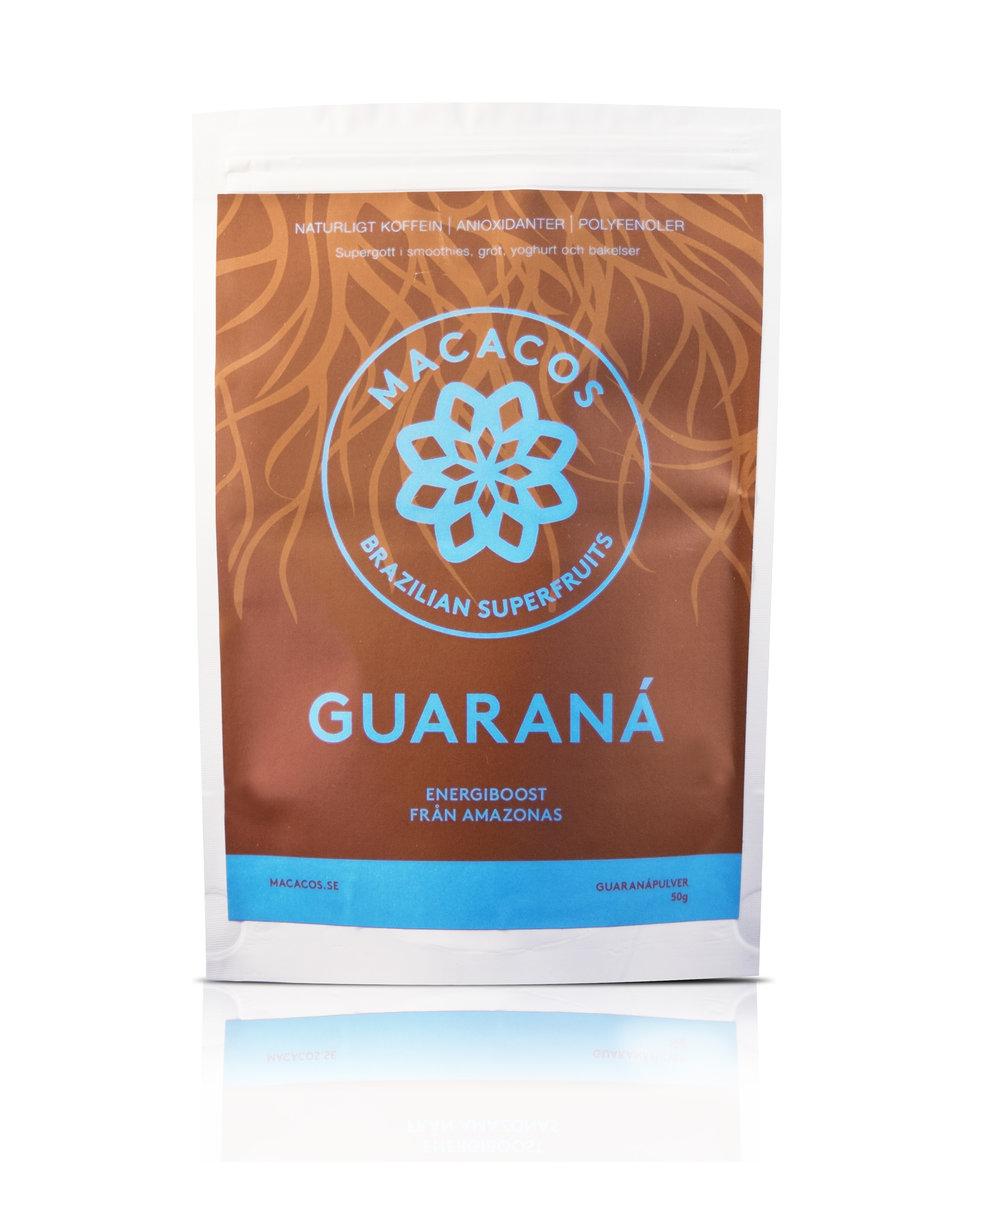 Guaranápulver 50g (Ekologisk)  Guaraná är en riktig energiboost på morgonkvisten eller innan träning! Vårt guaranápulver males ned och soltorkas sedan. Bönan innehåller dubbelt så mycket koffein som kaffe men frisläpps sakta i kroppen - vilket ger en långvarig och stabil energi! Lite besk smak. Guaraná passar bra ihop med kakao i ett glas varm mjölk eller att strö över gröten.